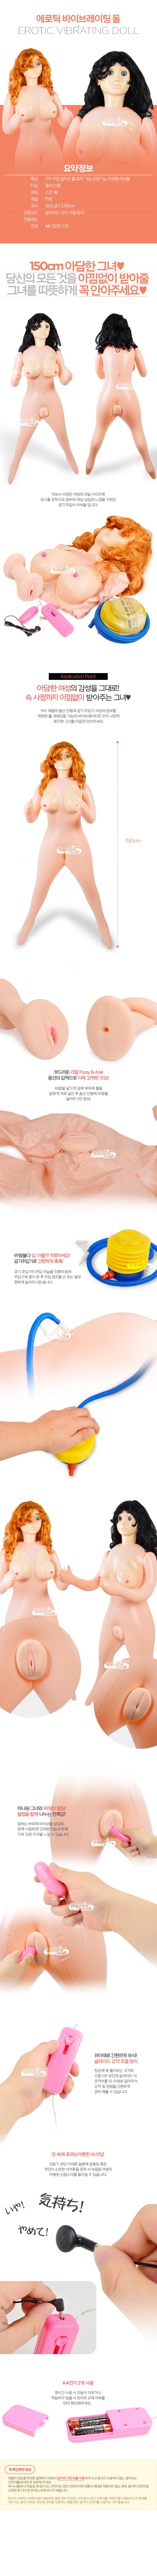 [2구멍 공기인형] 에로틱 바이브레이팅 돌(Erotic Vibrating Doll) - 00501 (JTN)